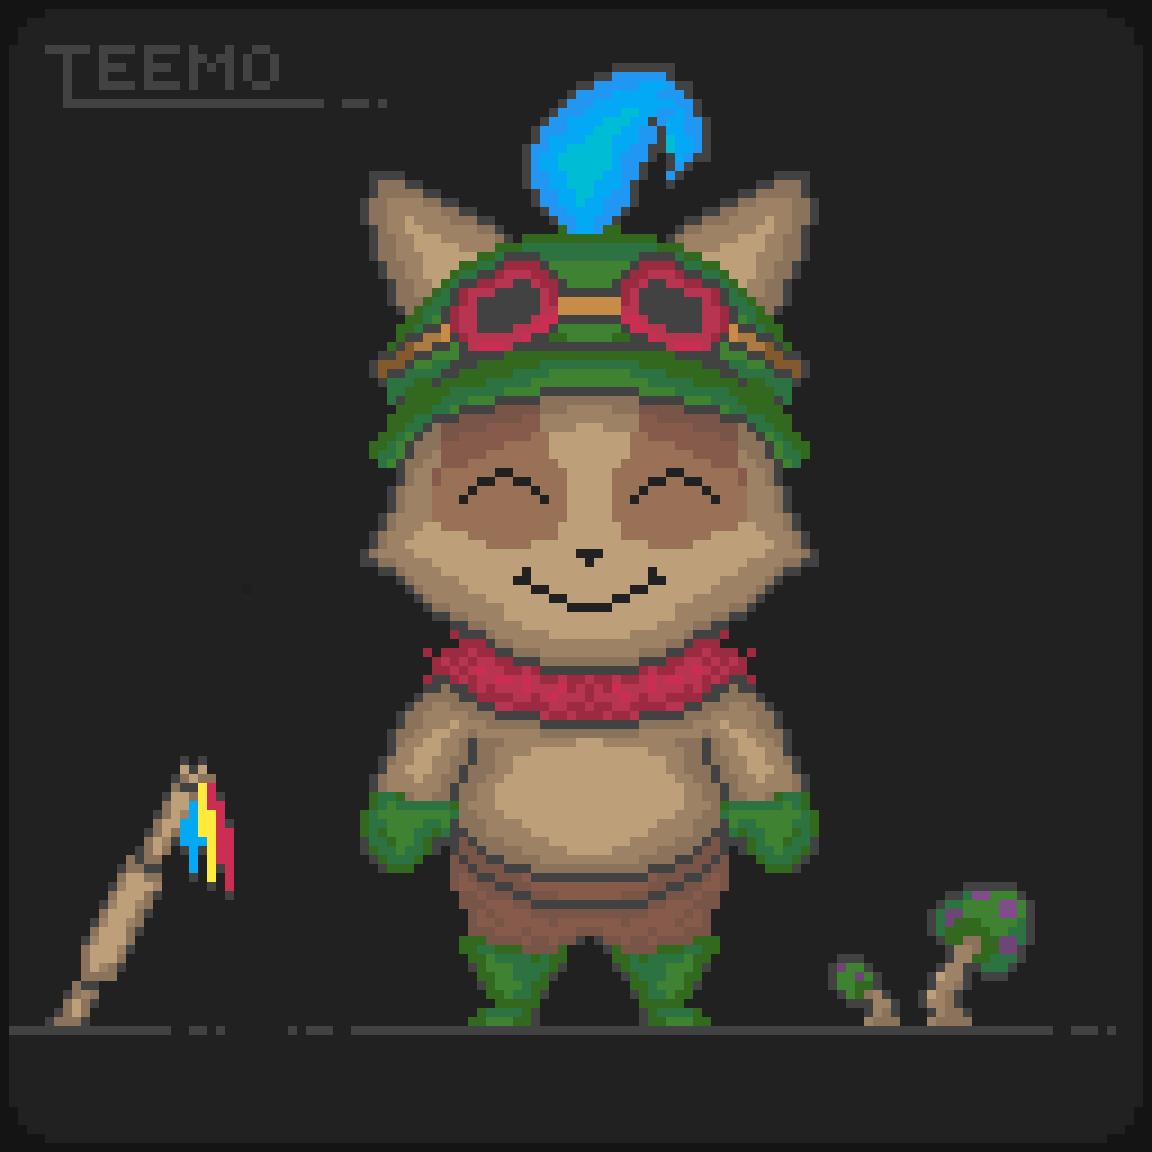 Teemo by Zombo-Joe